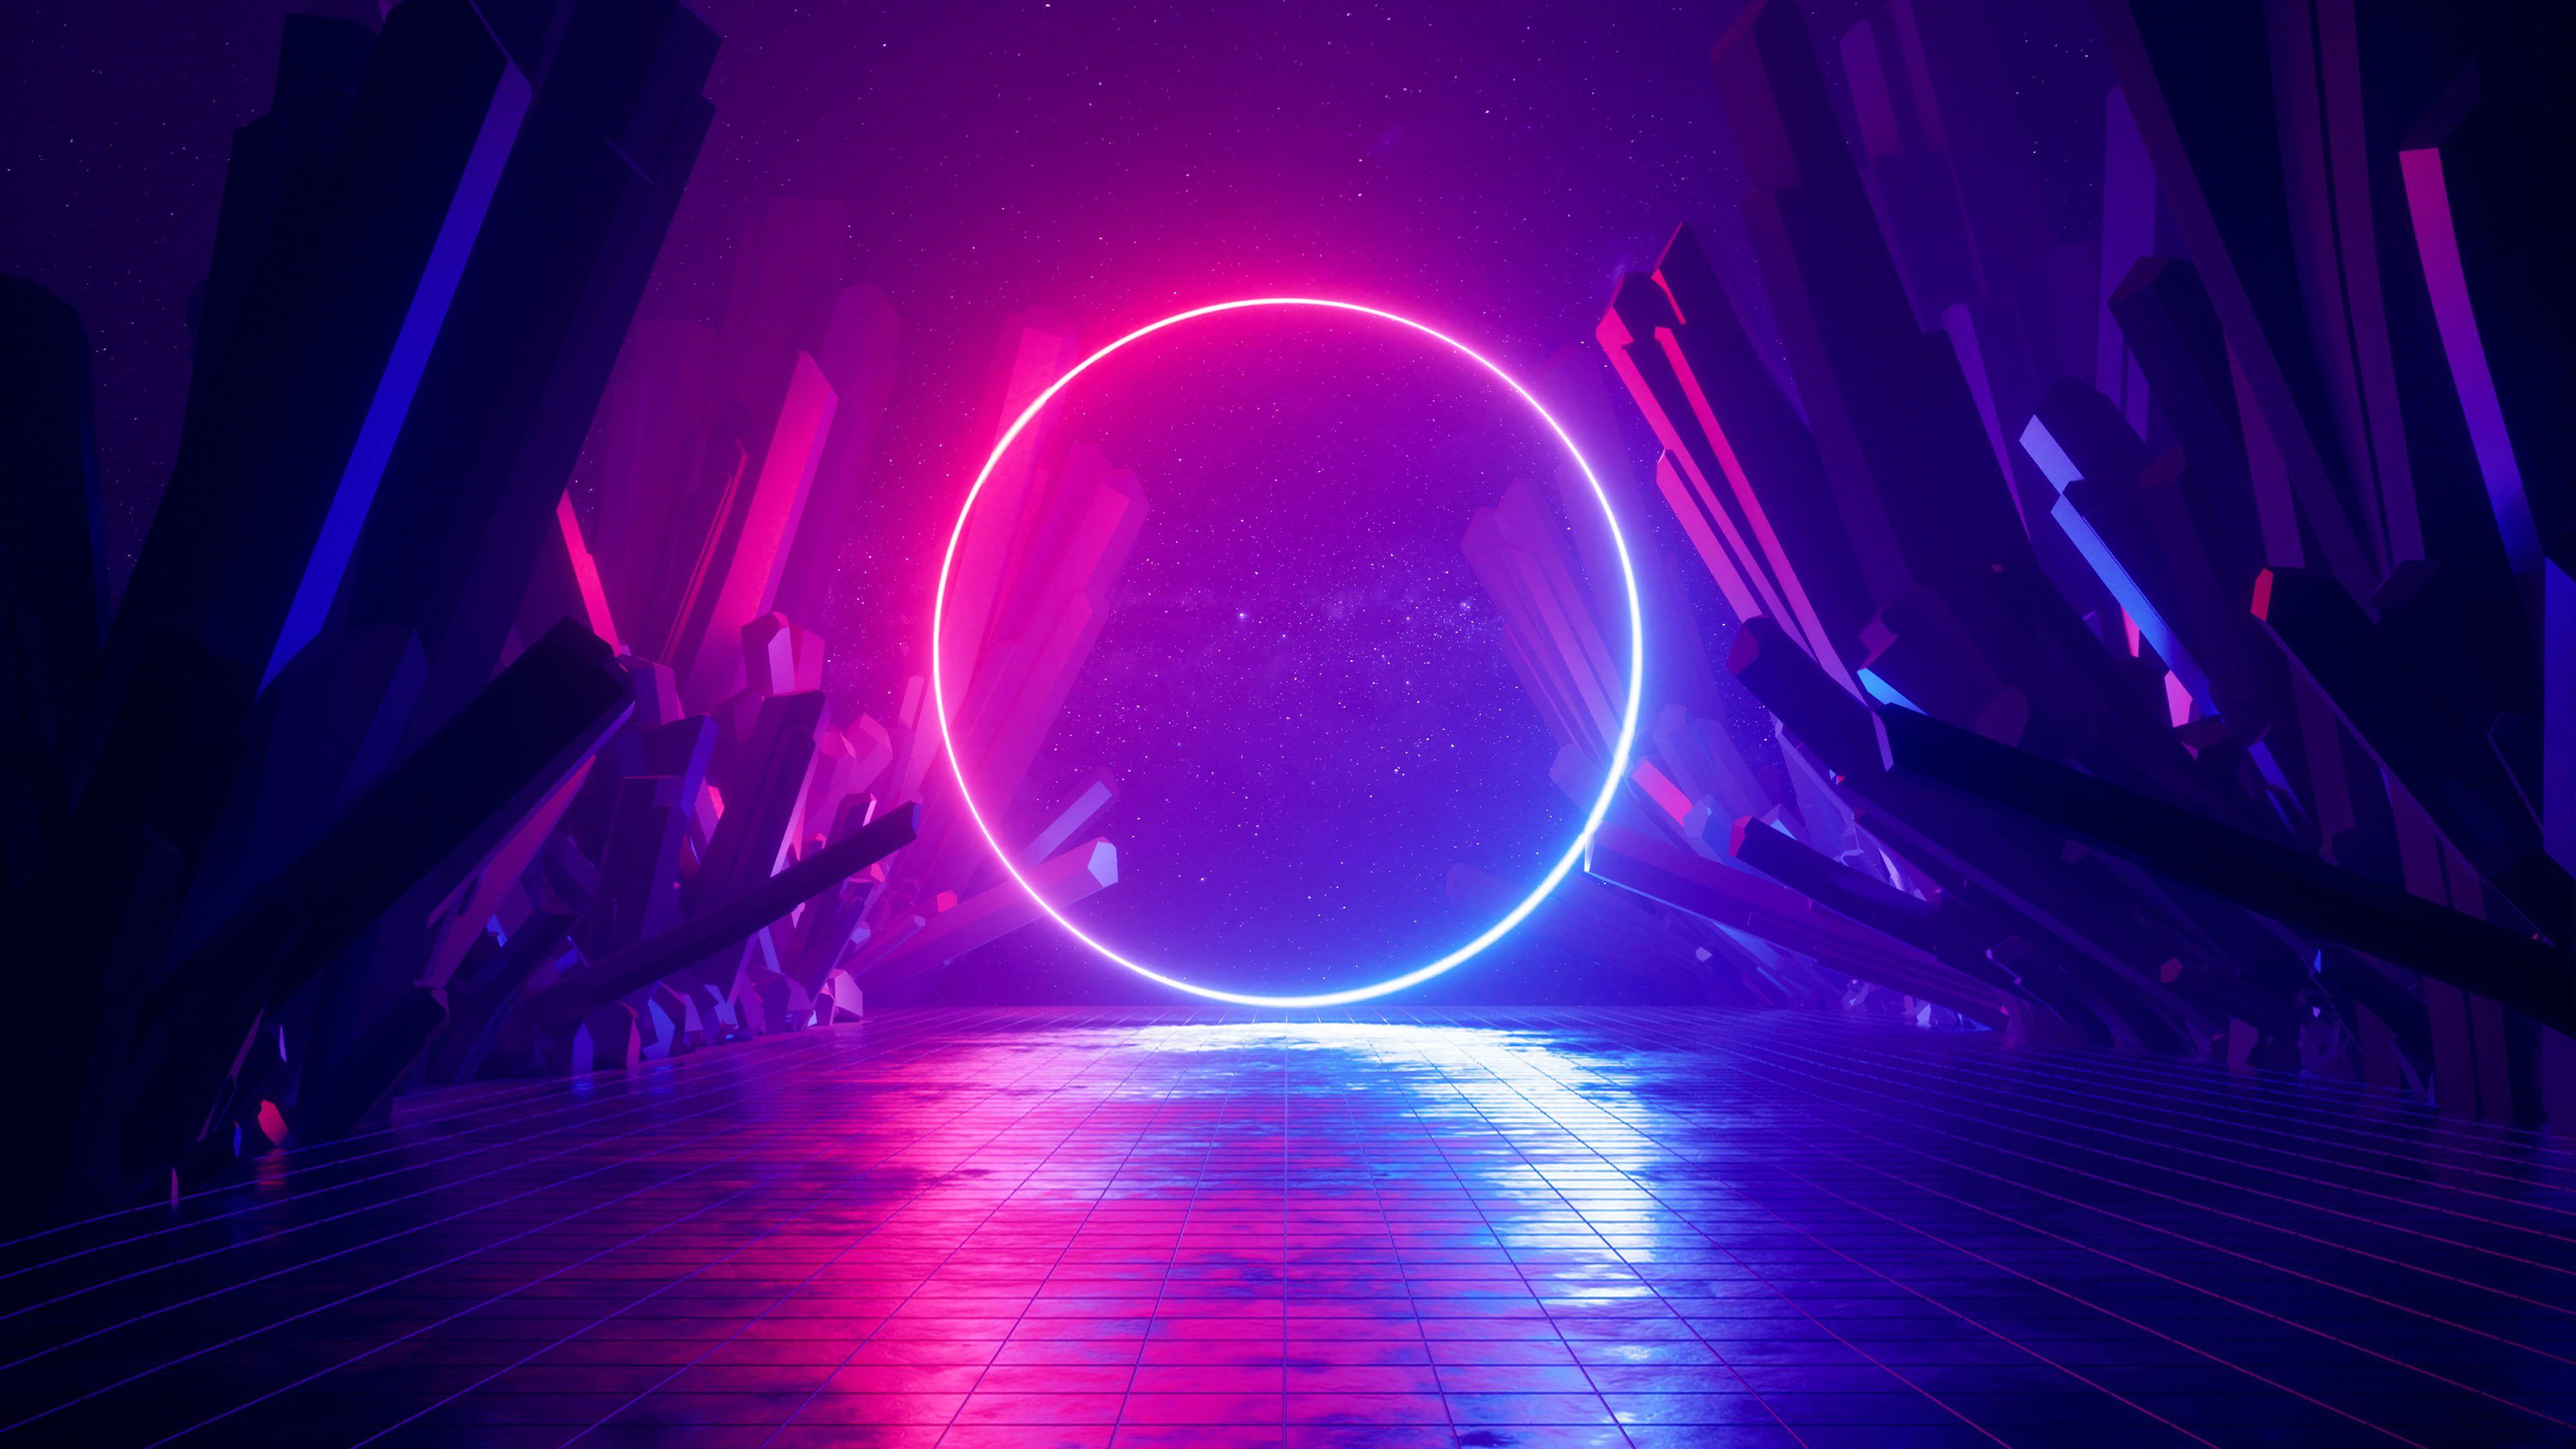 Pin De The British Gallery En Neon Glow Pantalla De Computadora Descargar Fondos De Pantalla Para Pc Pantalla De Pc